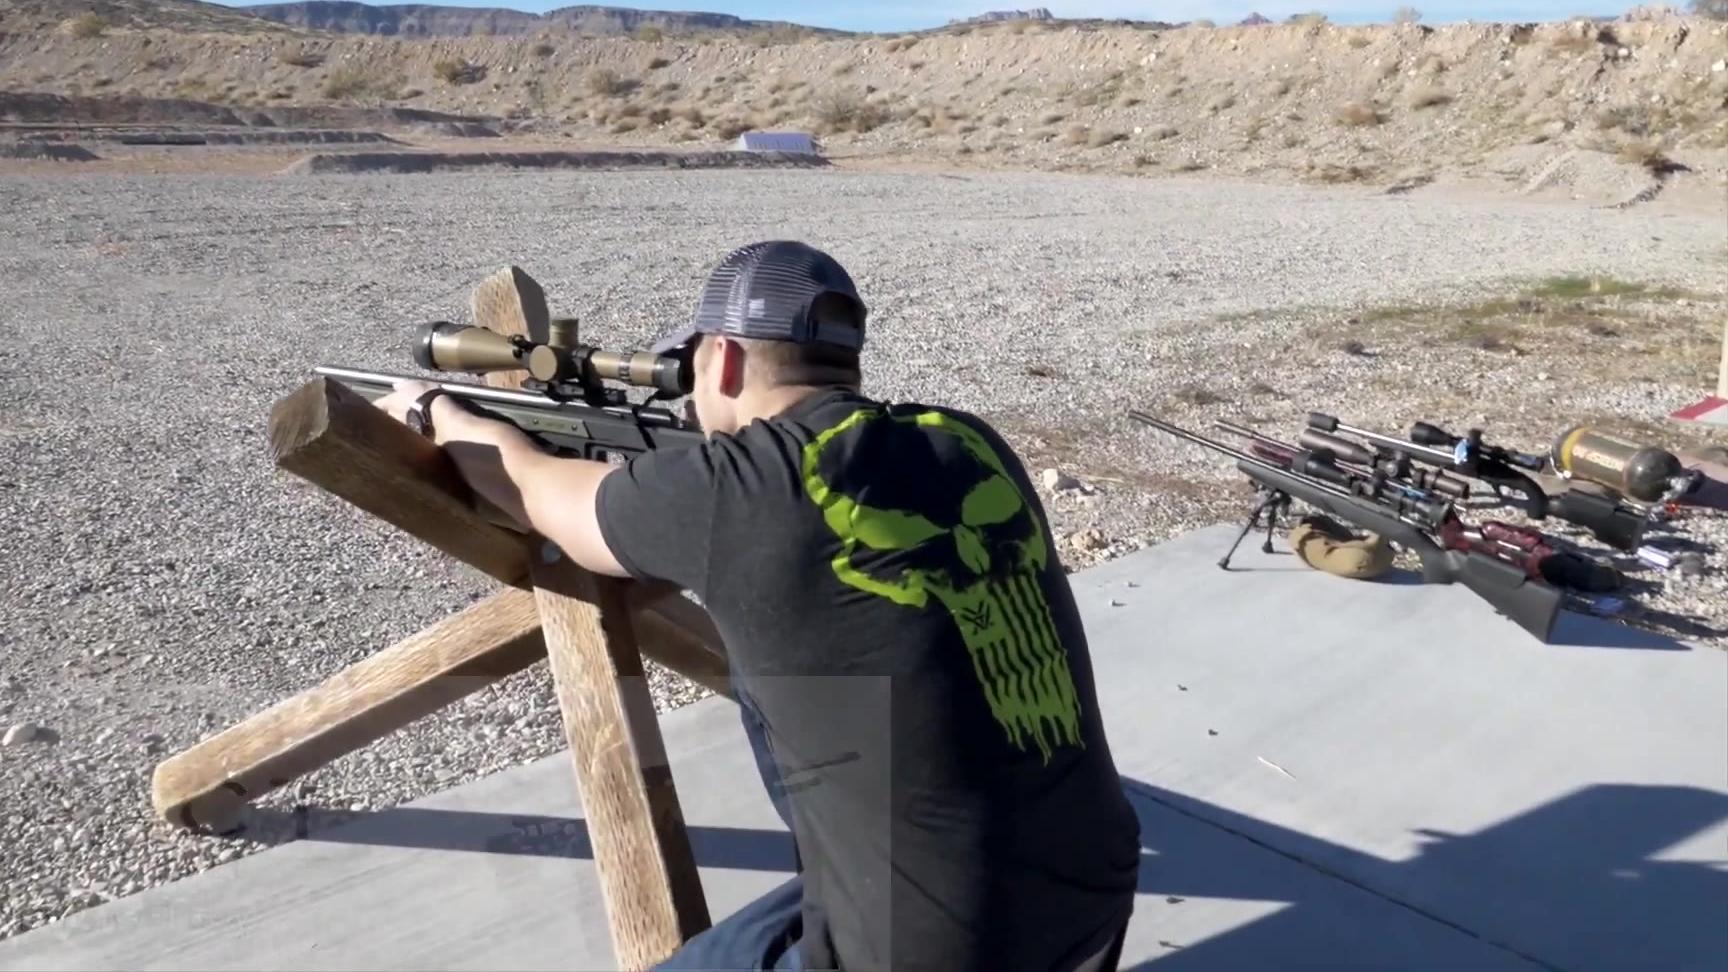 【生肉】与彼得·马兰一起回顾拉斯维加斯NRL22比赛-Precision Rifle Network